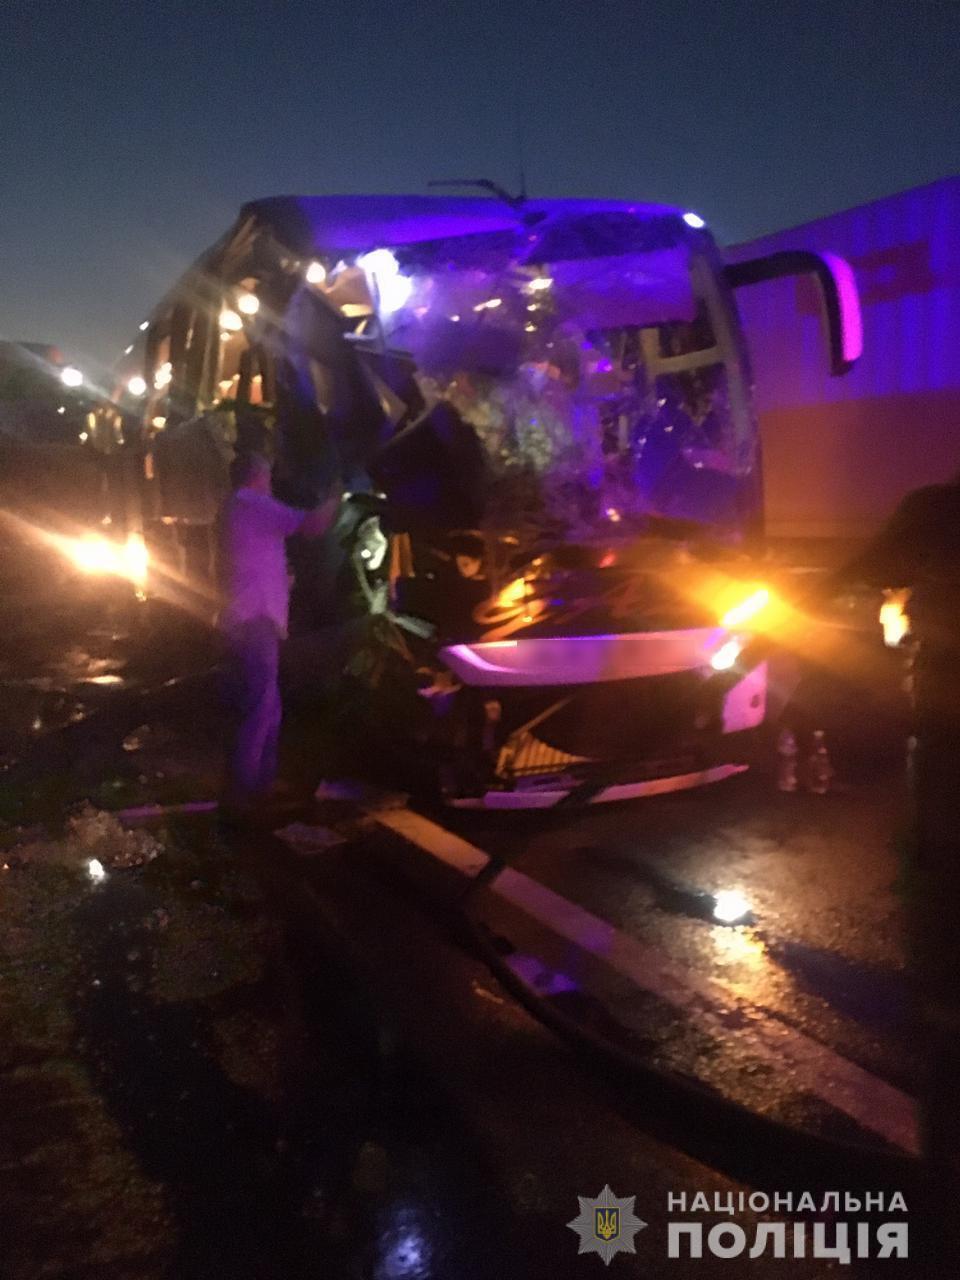 Погиб один пассажир автобуса, который ехал из Молдовы